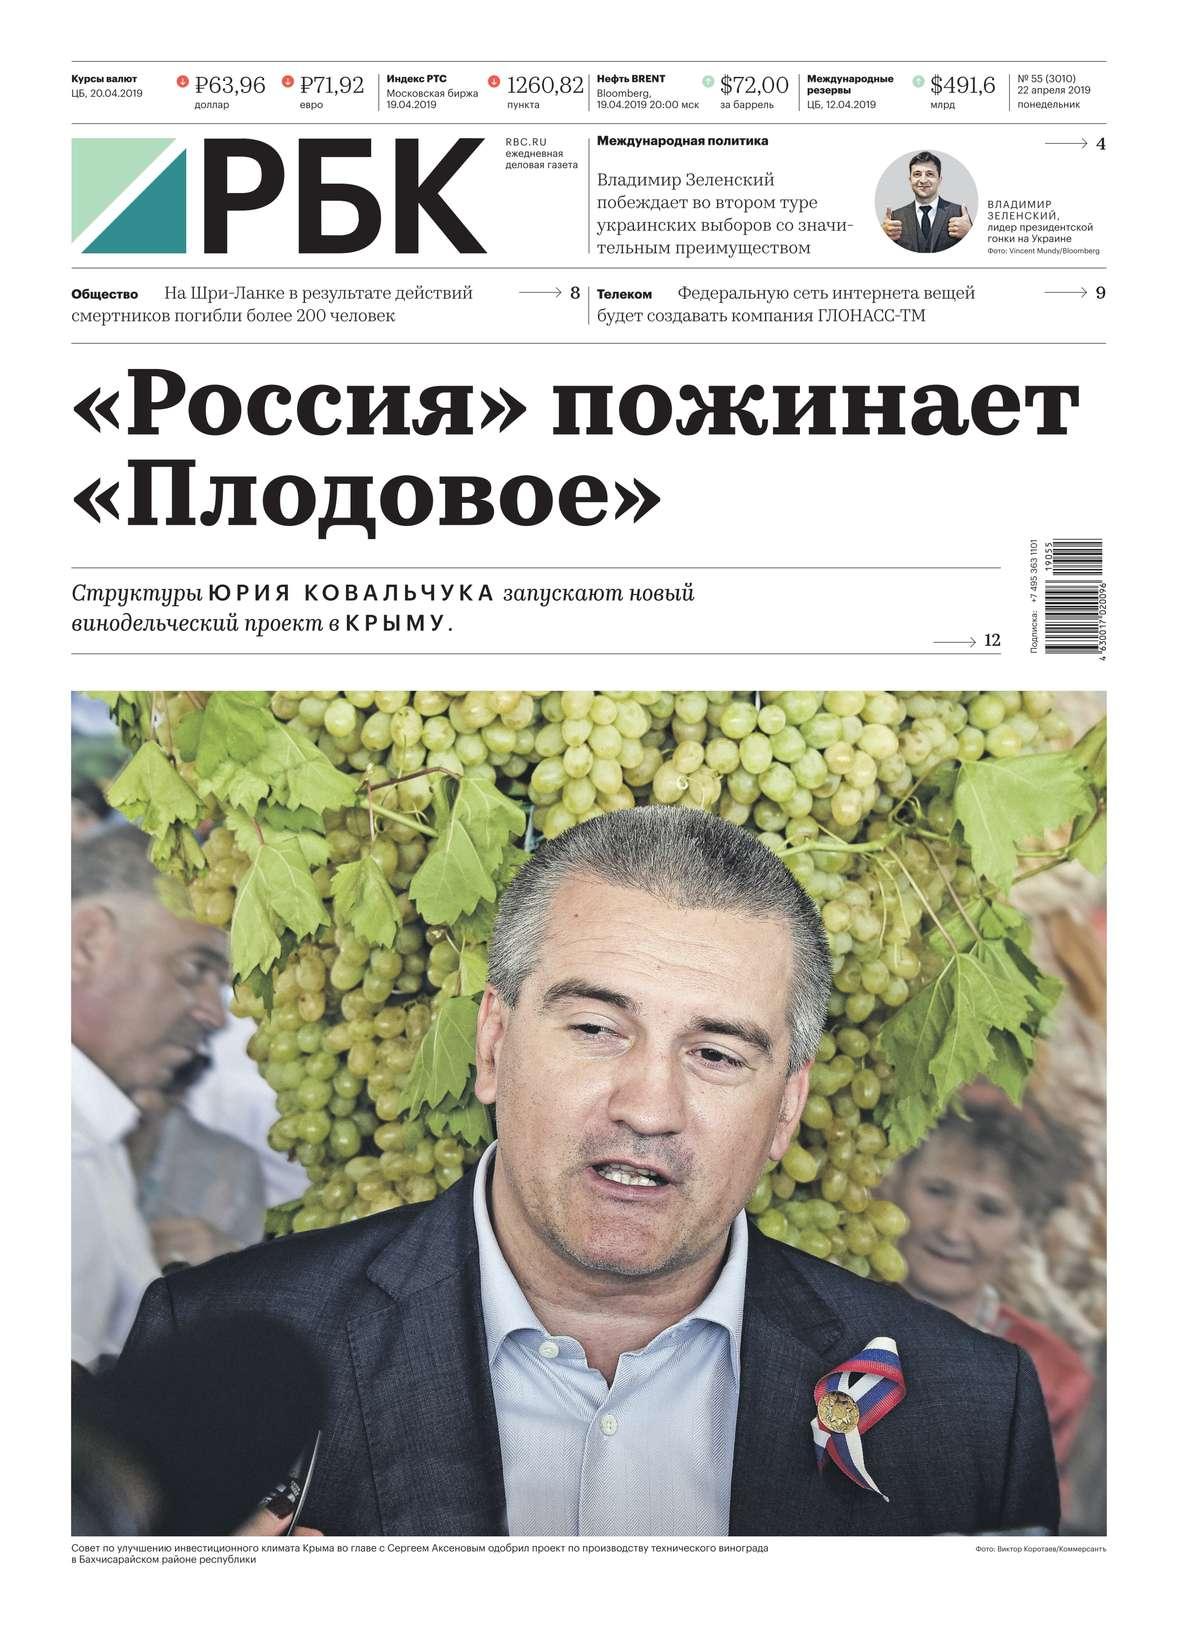 Ежедневная Деловая Газета Рбк 55-2019